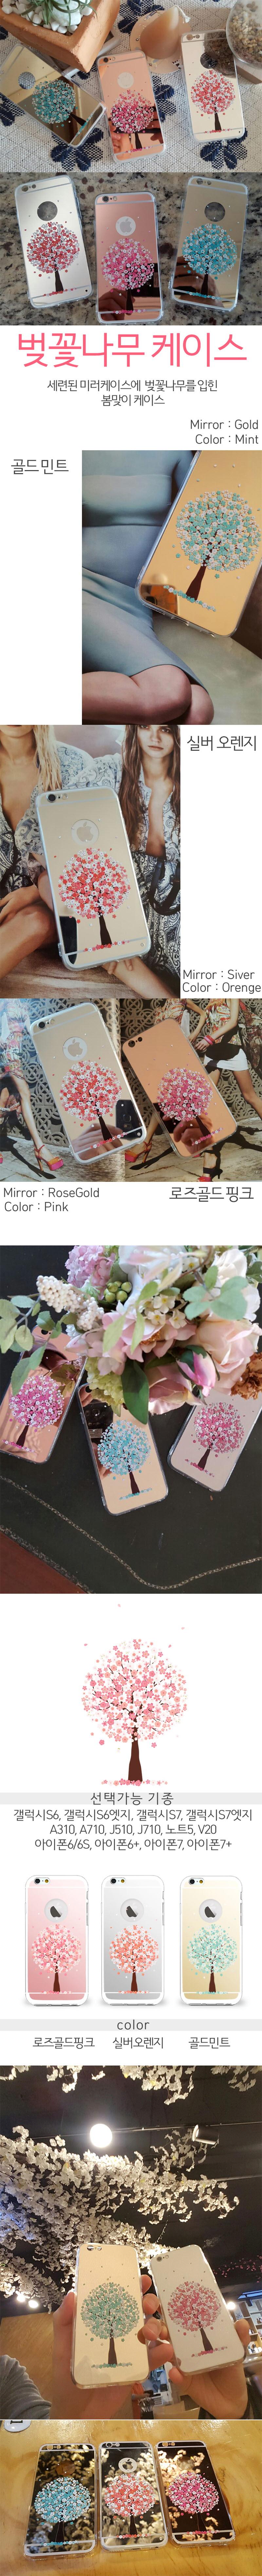 아이팝스 벚꽃미러젤리케이스 갤럭시S10(G973) S10+(G975)외 다기종 - 배타고, 11,200원, 케이스, 갤럭시S10